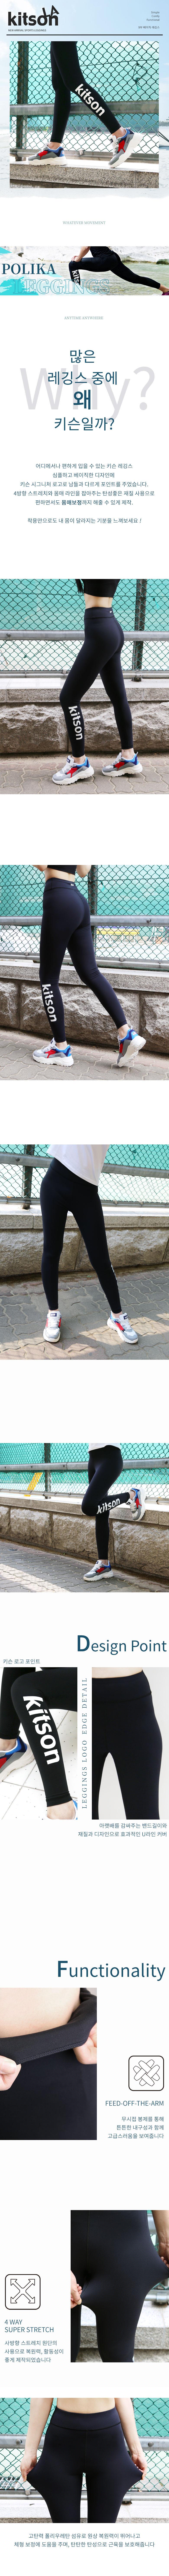 Leggings_01.jpg